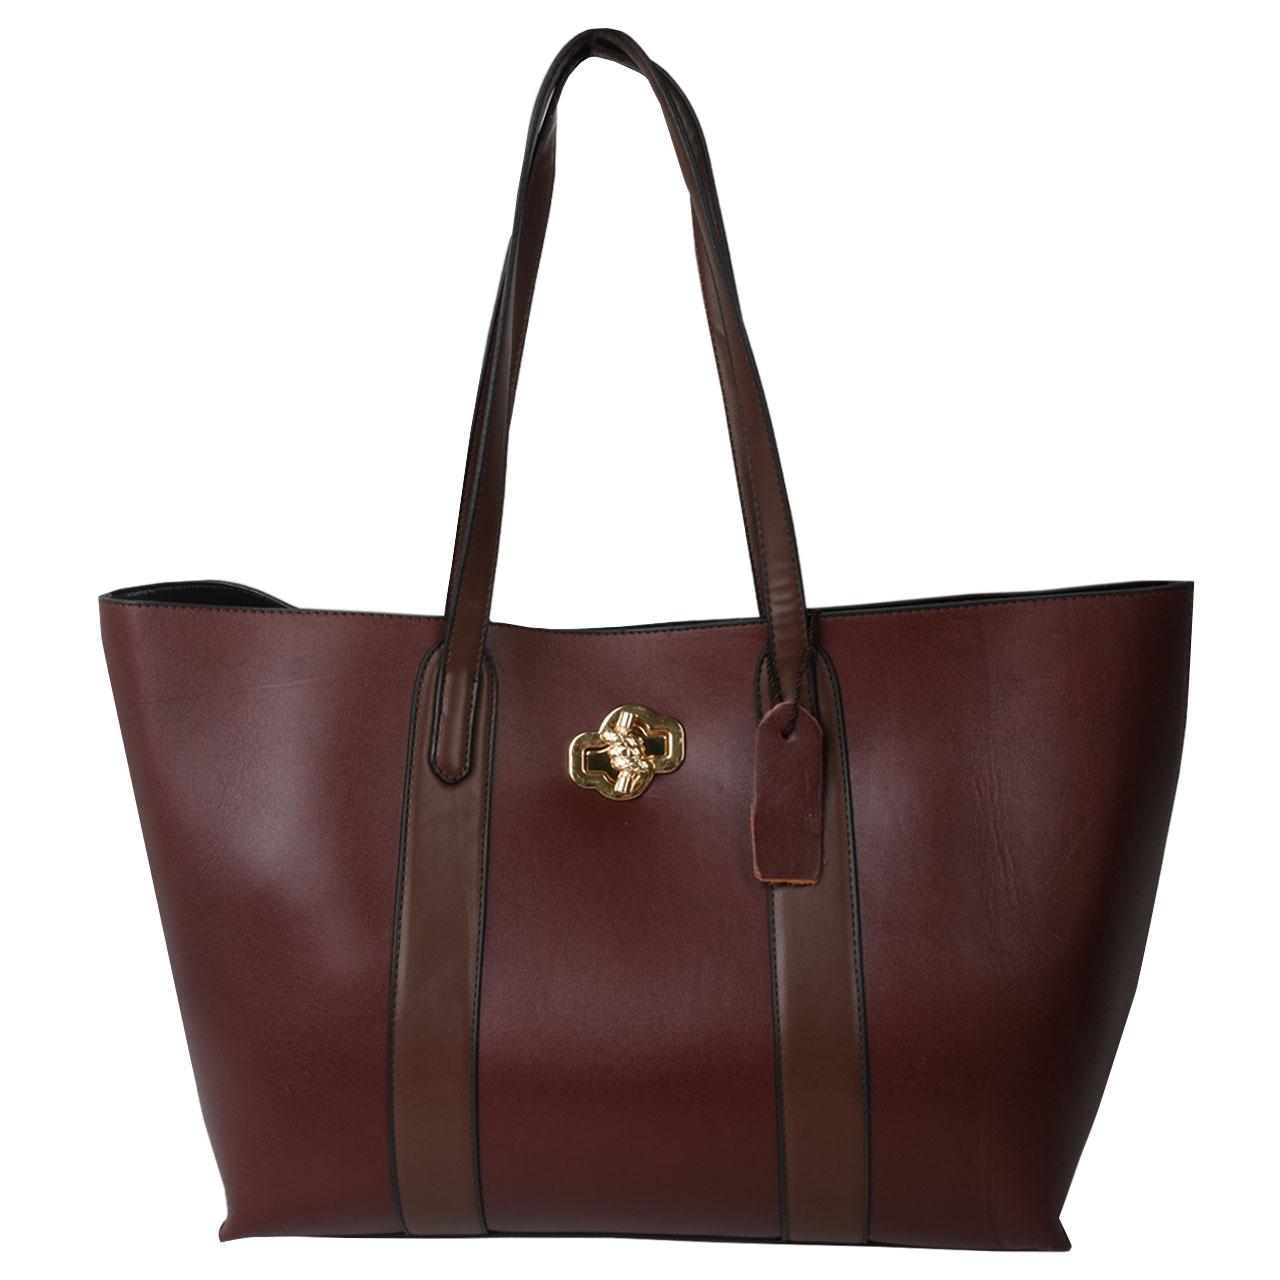 کیف دوشی زنانه پارینه مدل PLV160-7-1509